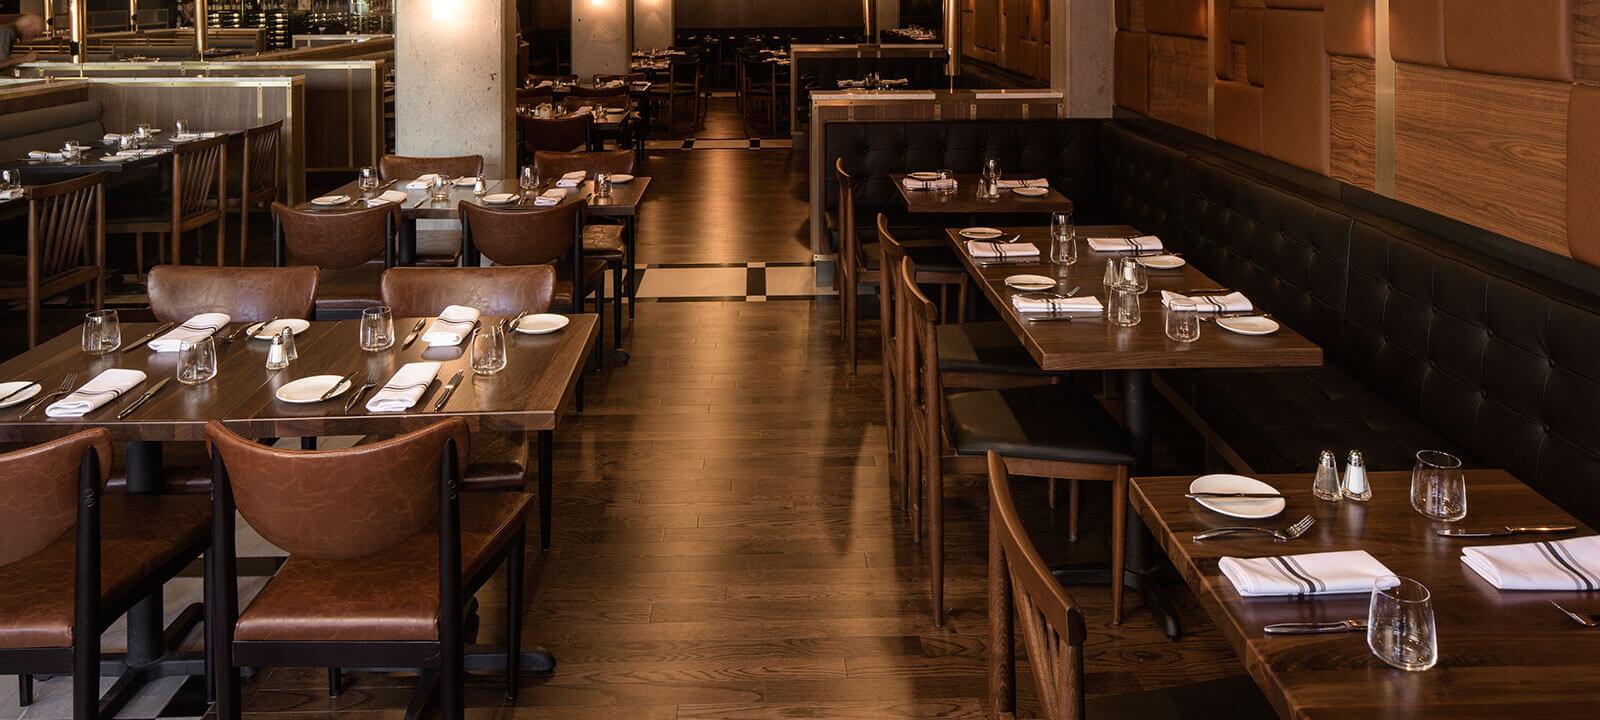 Salle du restaurant Maggie Oakes avec tables dressées et chaises